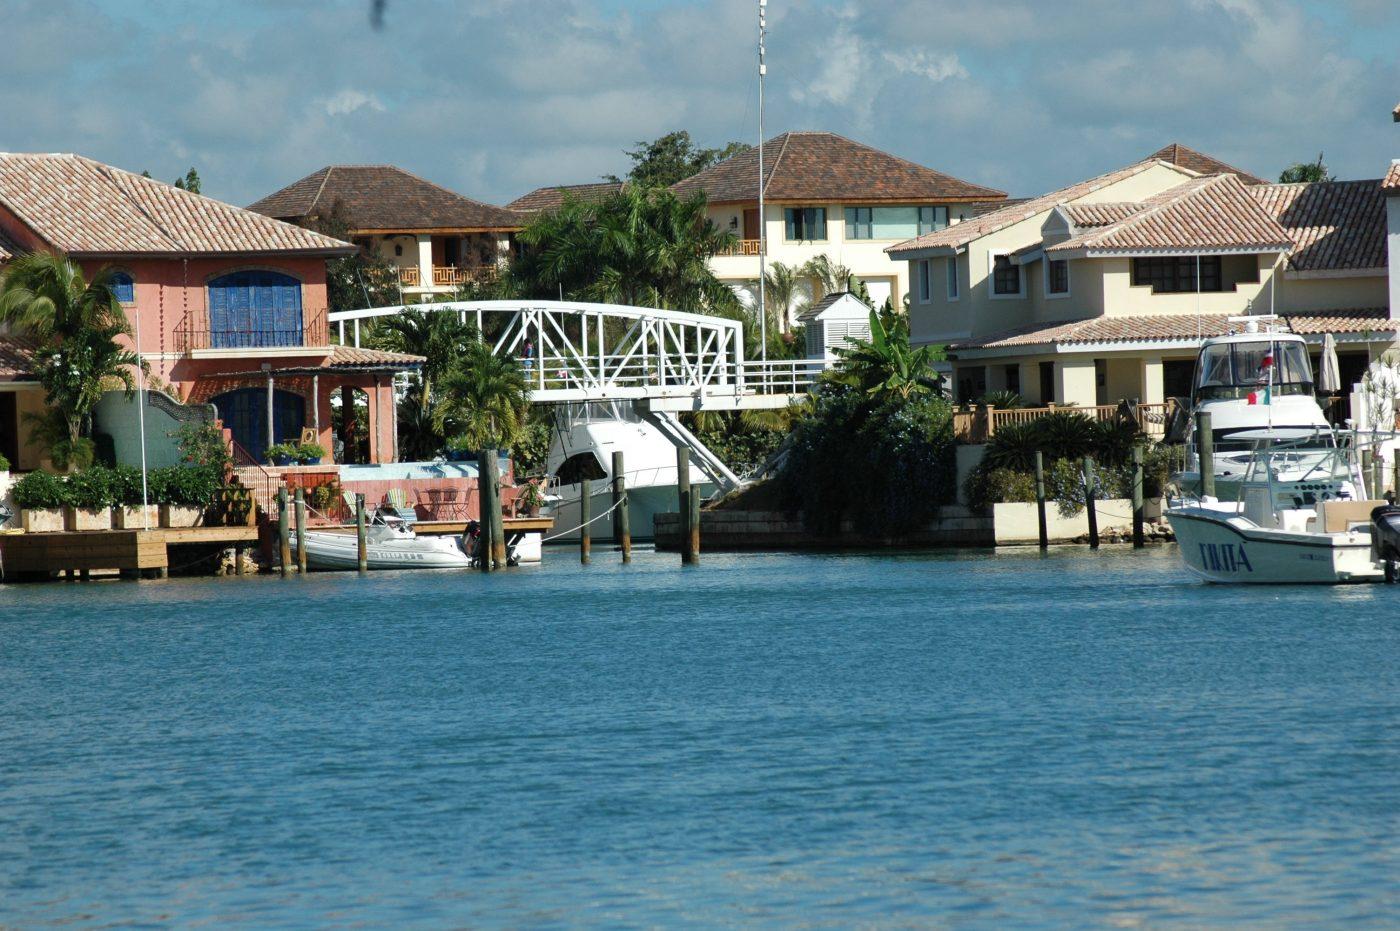 marina-casa-de-campo-republica-dominicana-wannaboats-02